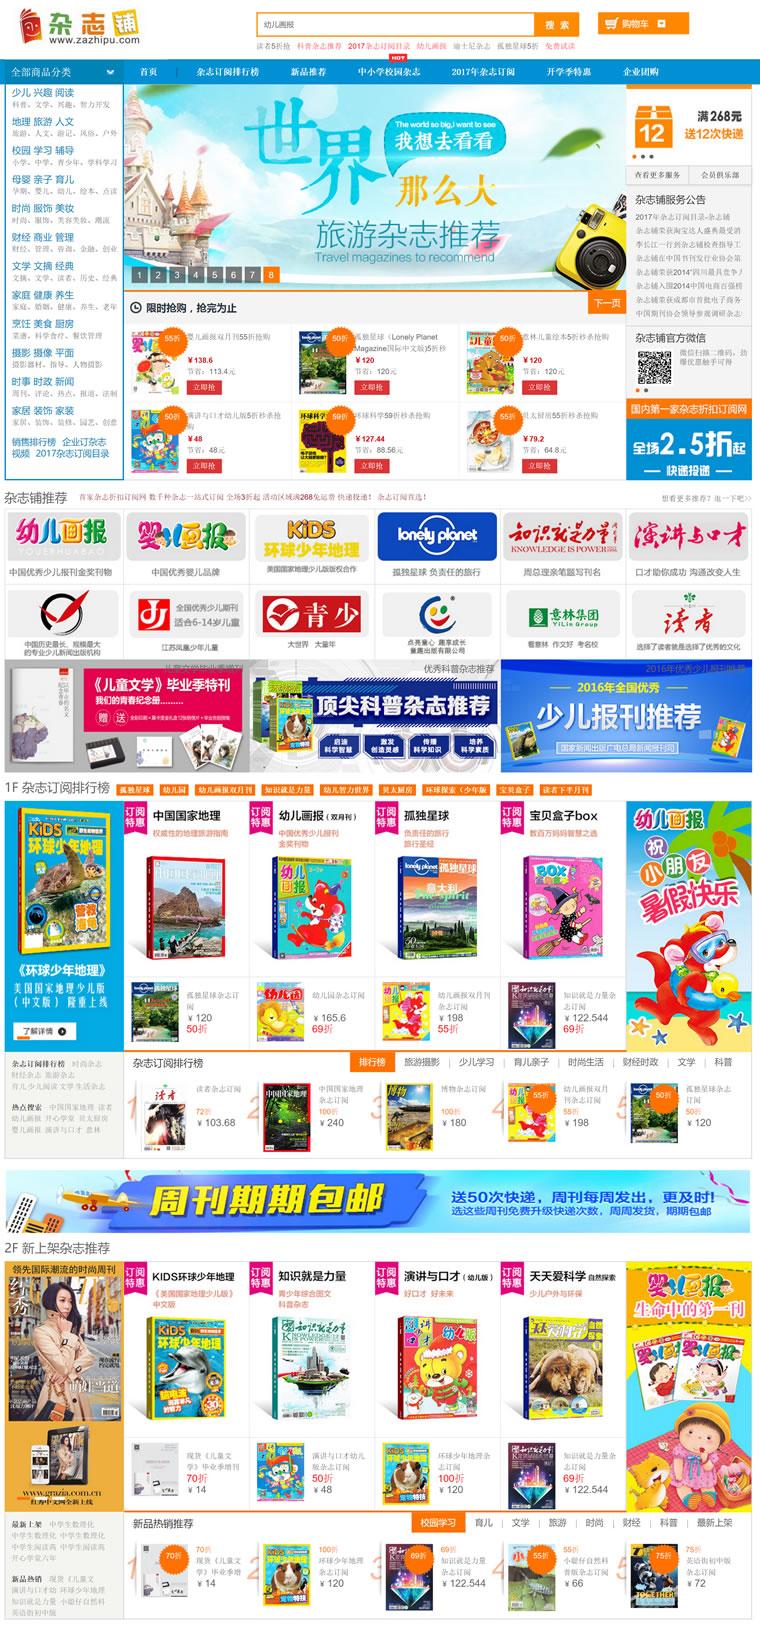 中国第一家杂志折扣订阅网:杂志铺